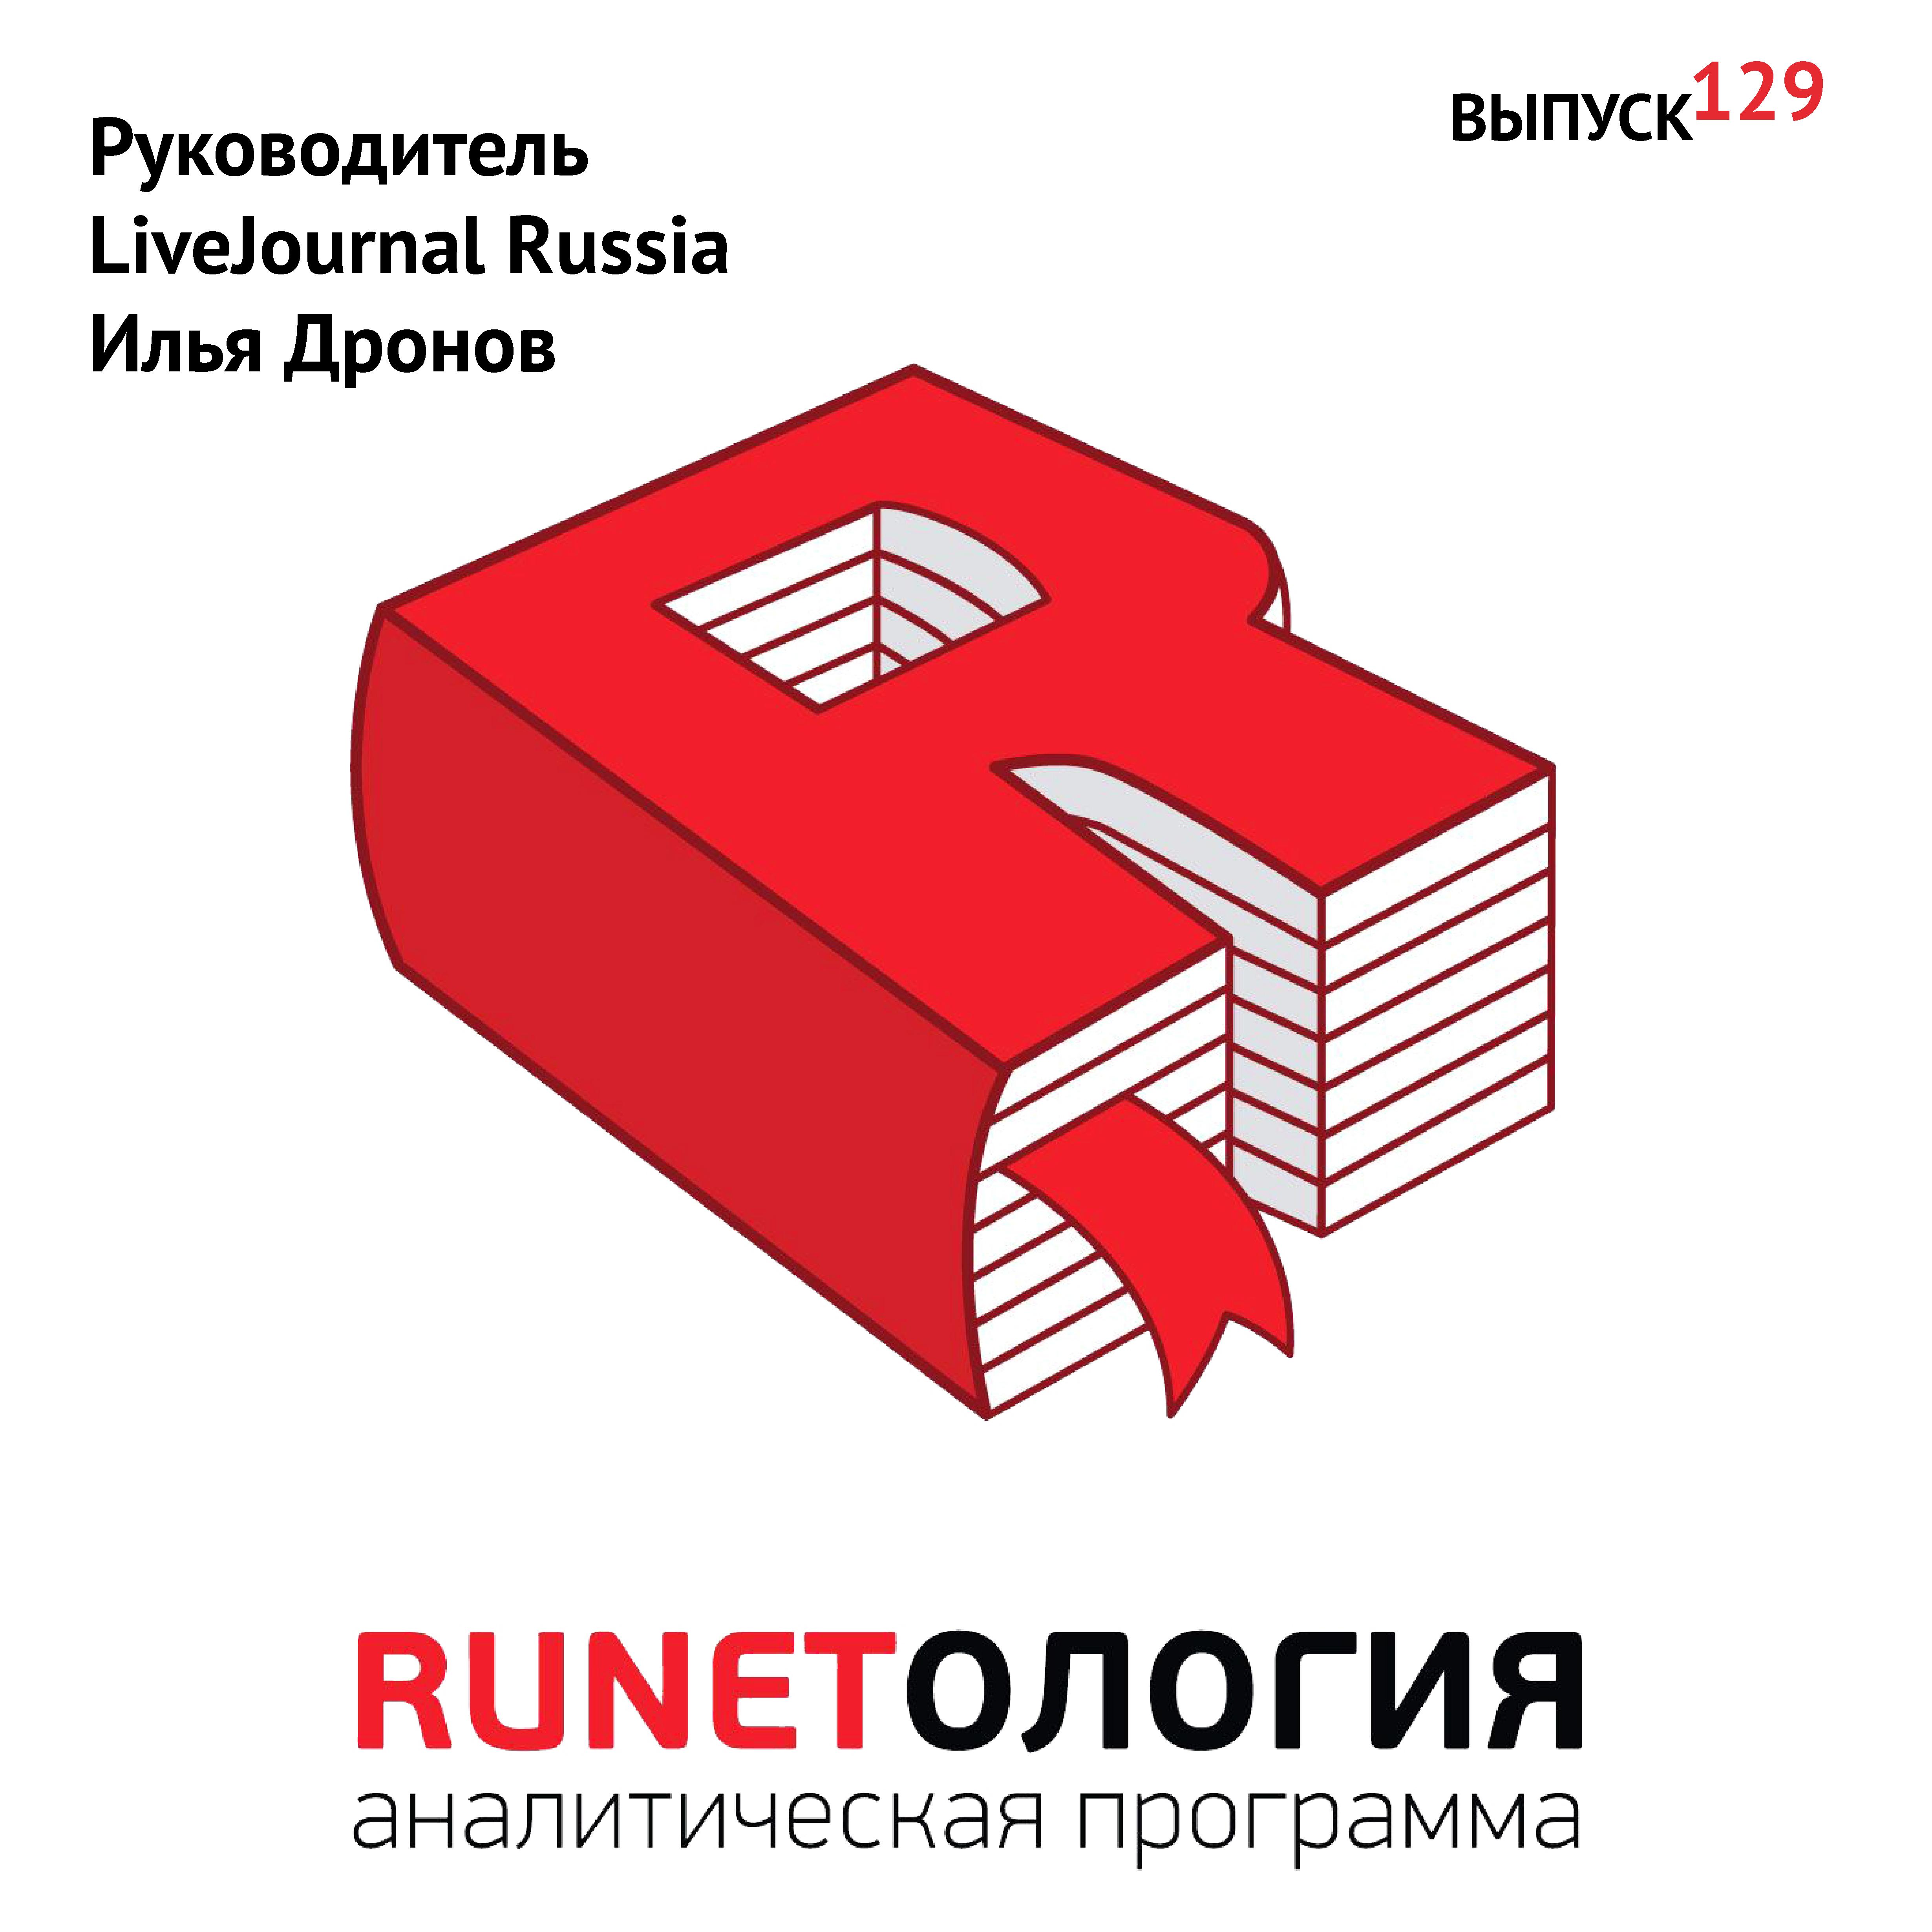 Максим Спиридонов Руководитель LiveJournal Russia Илья Дронов